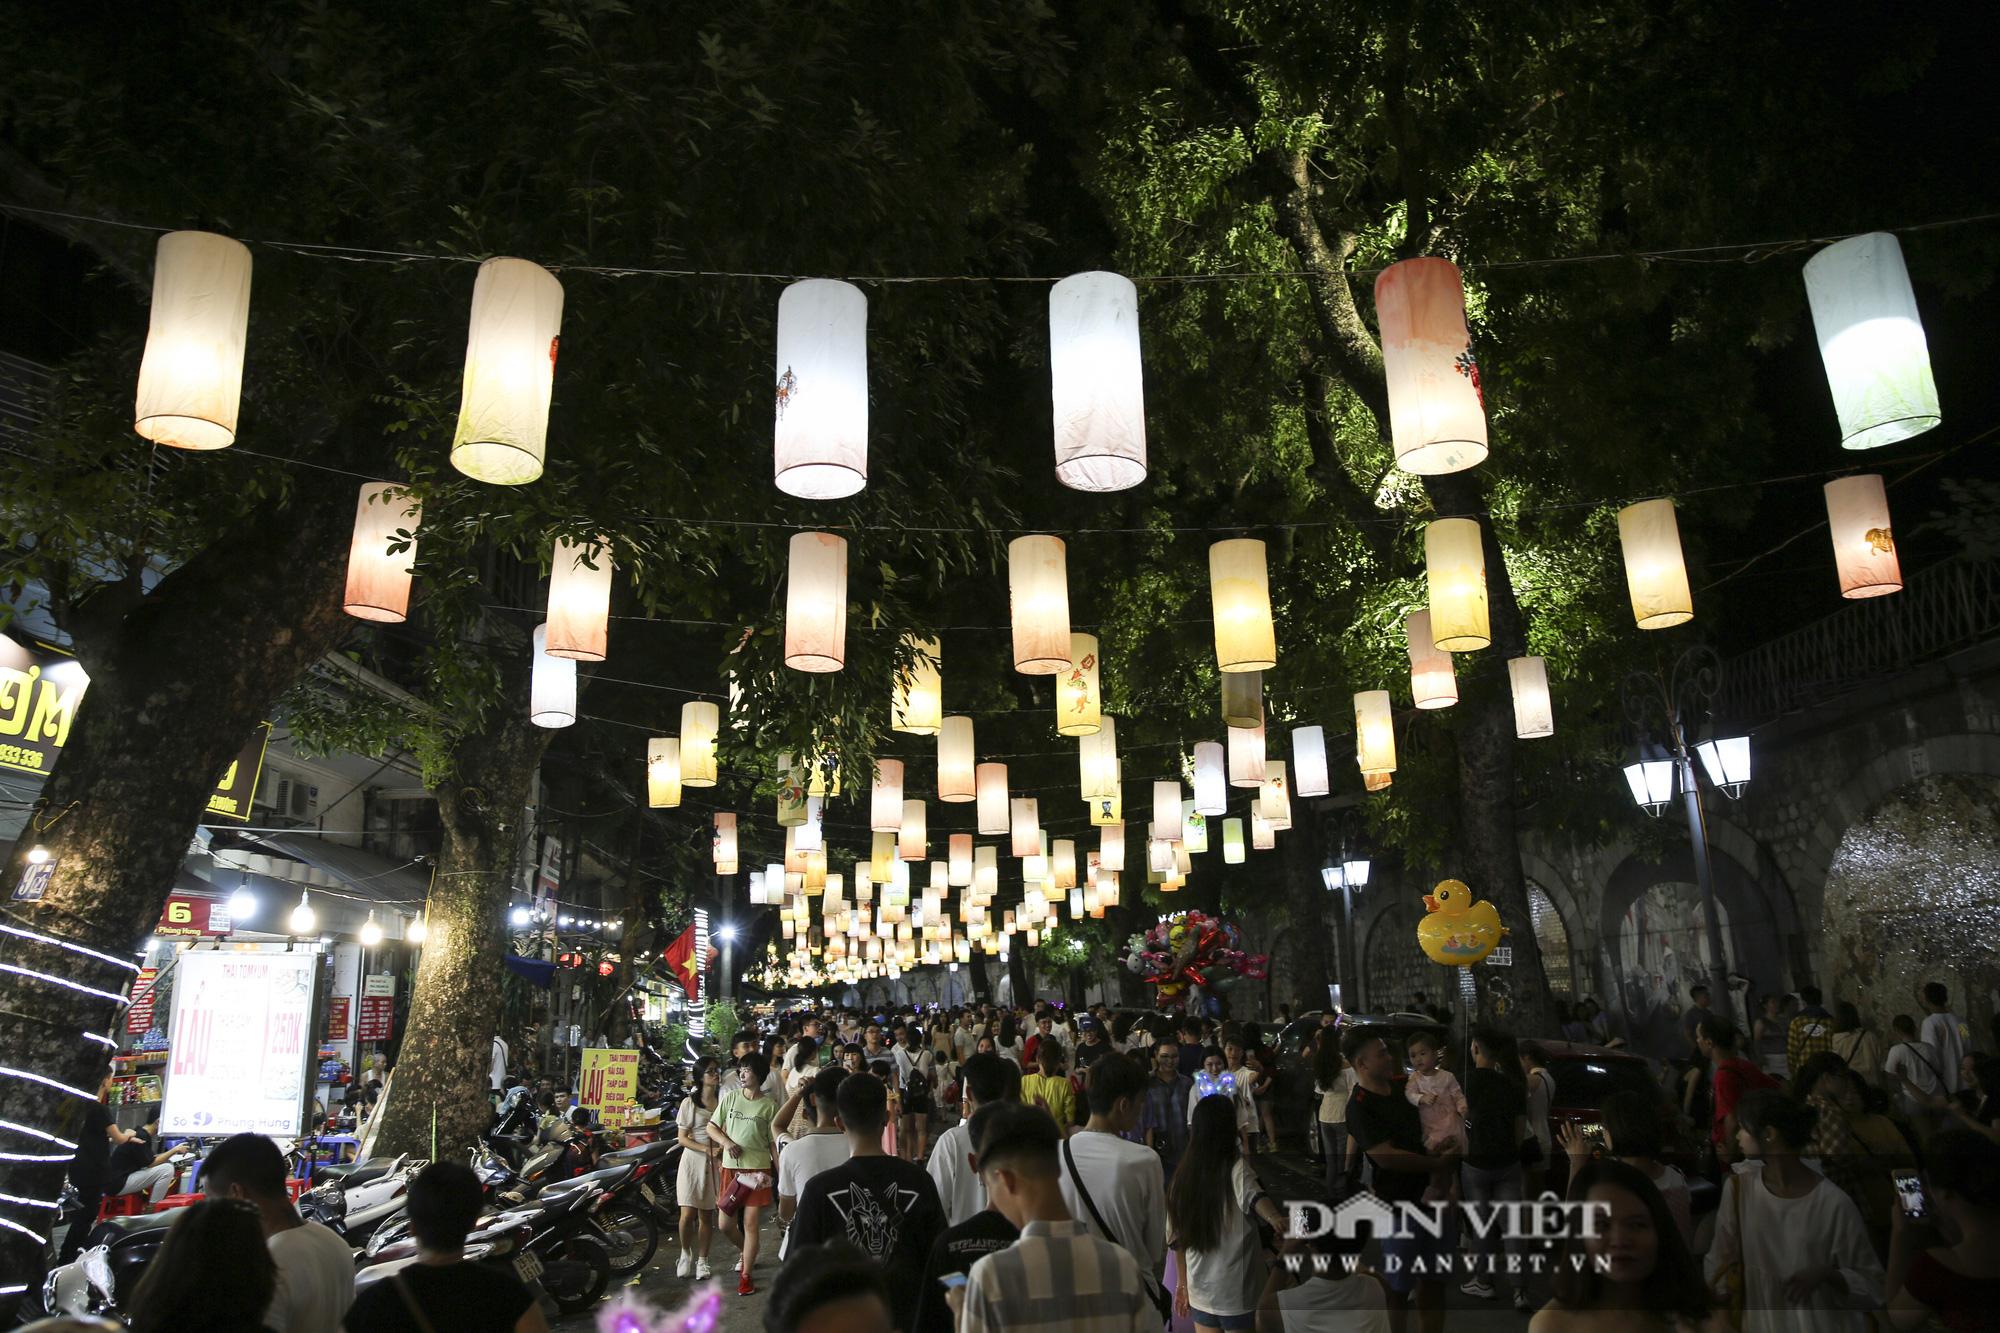 Hàng nghìn người đổ phố bích họa Phùng Hưng thưởng lãm đèn lồng - Ảnh 12.